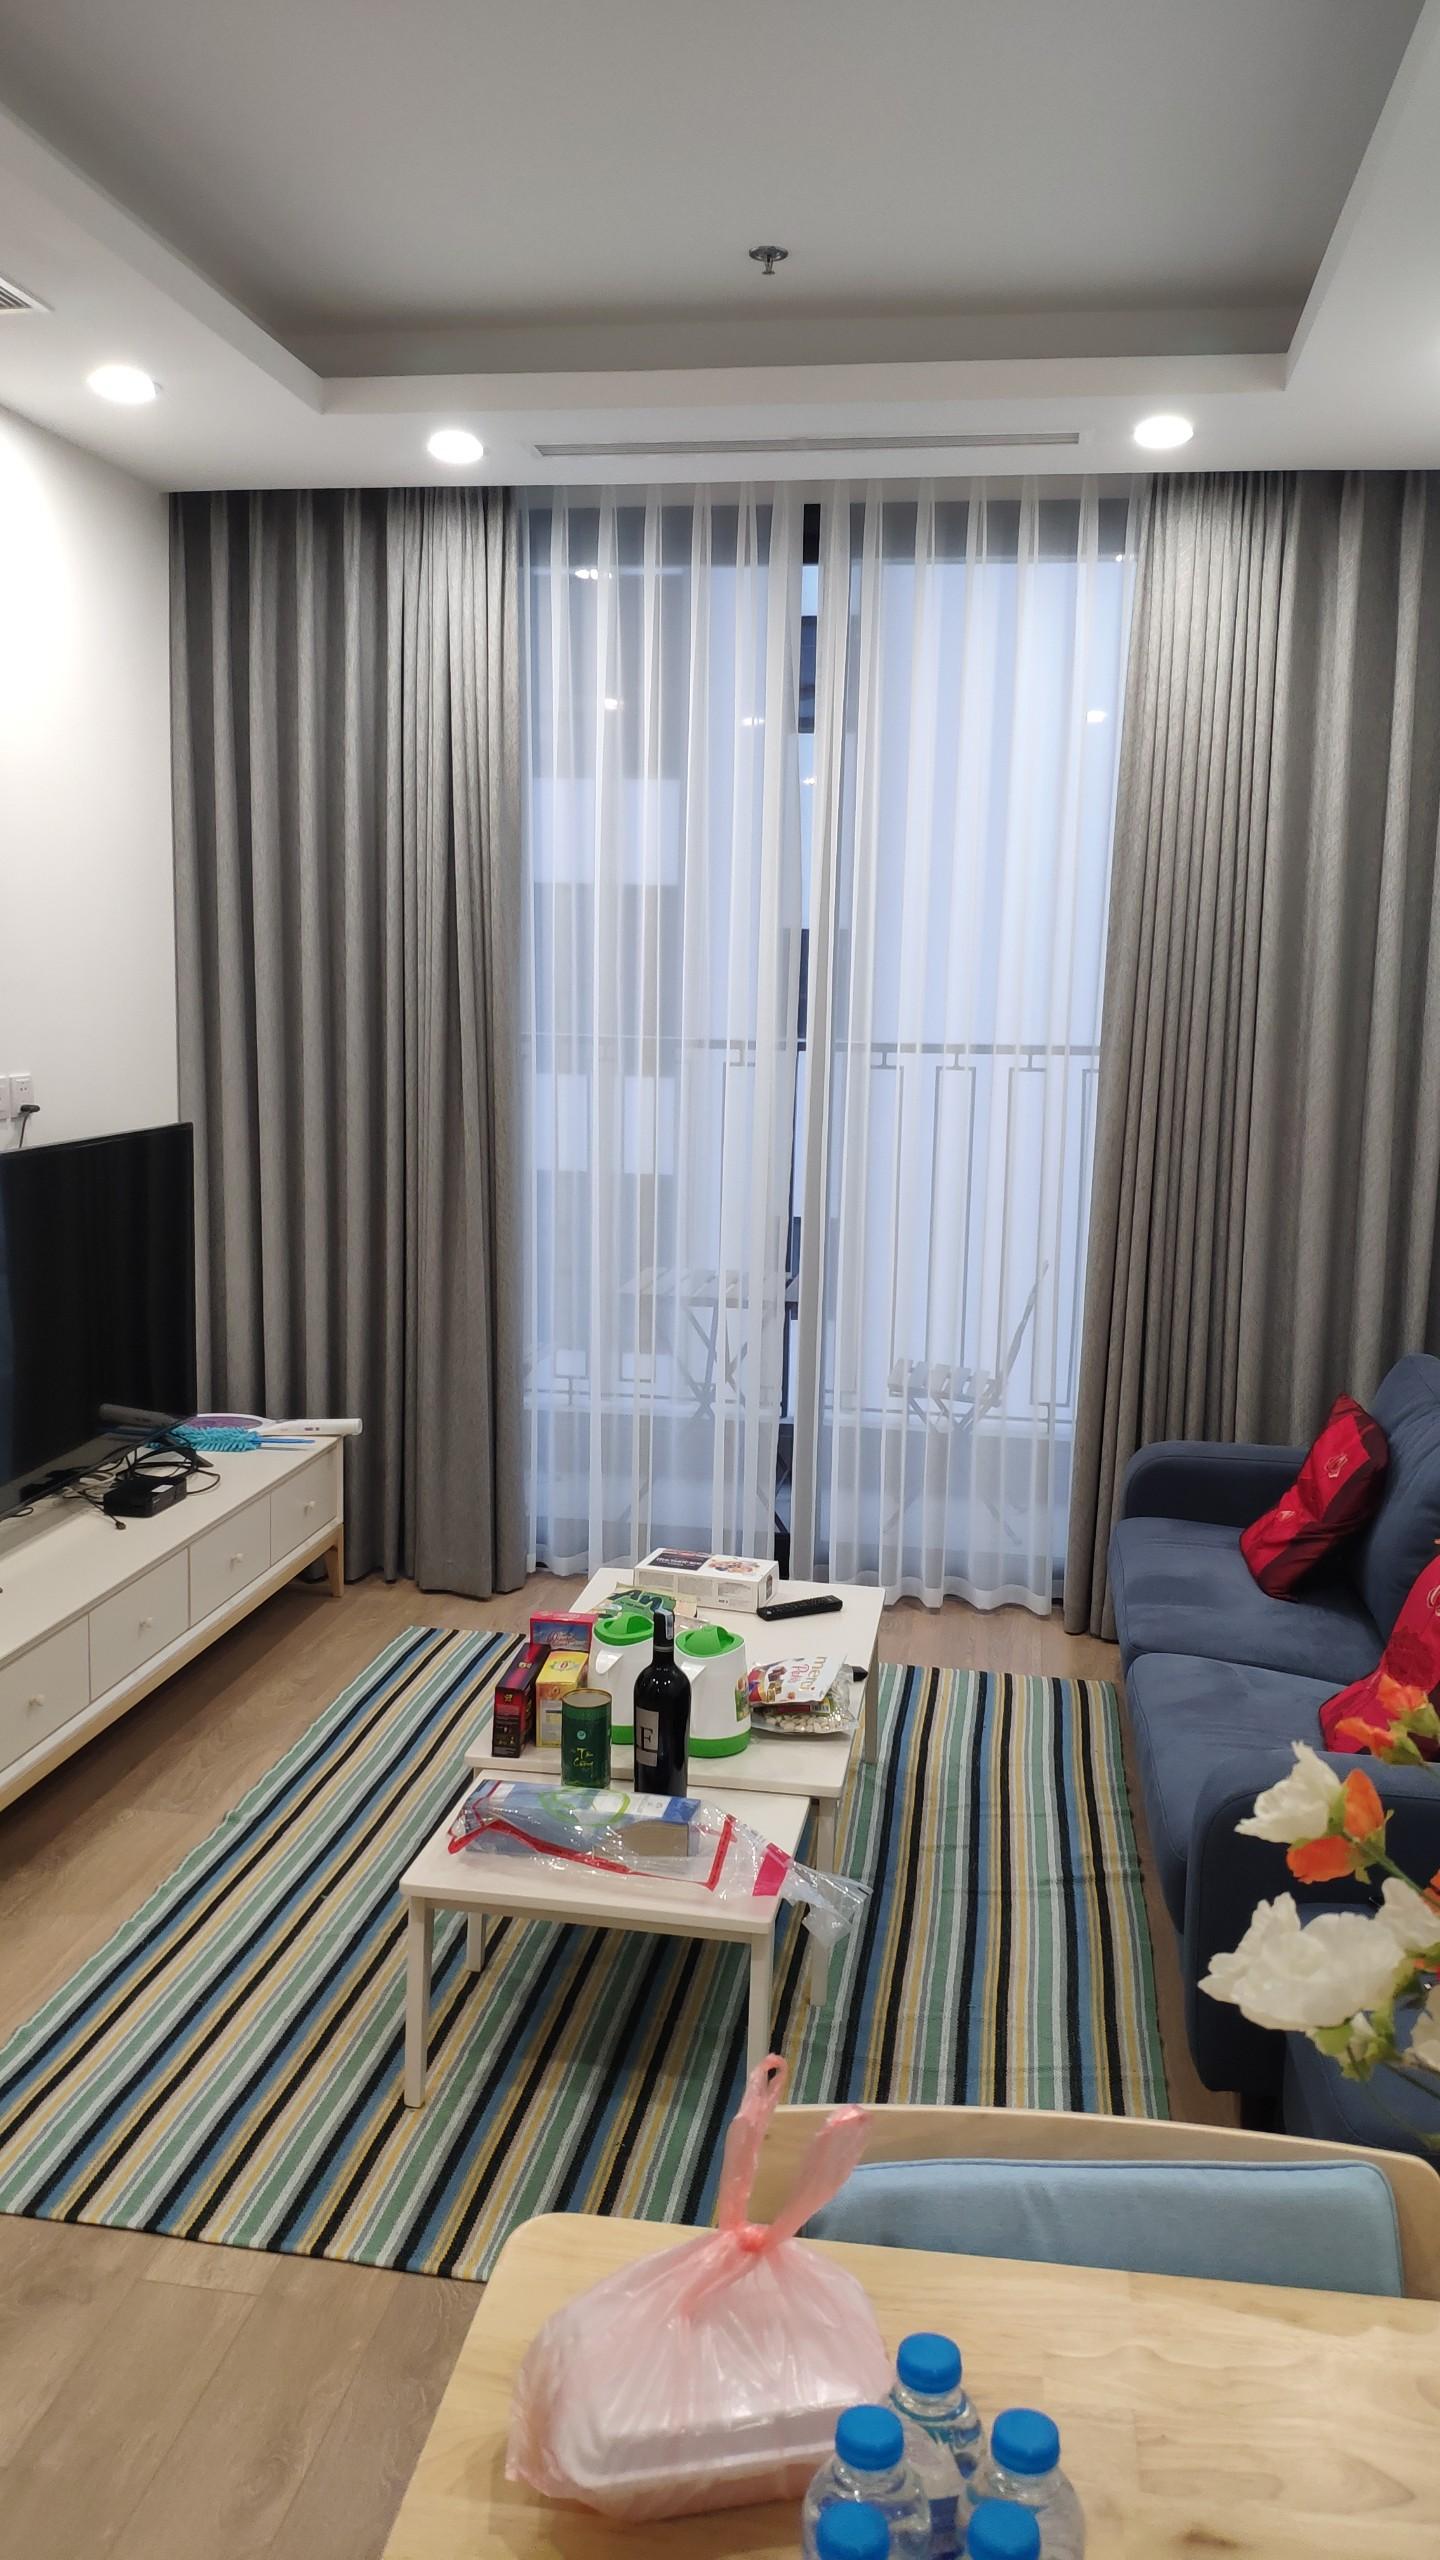 Cho thuê căn hộ 2PN chung cư Hinode City Minh Khai full đồ giá rẻ nhất hiện tại